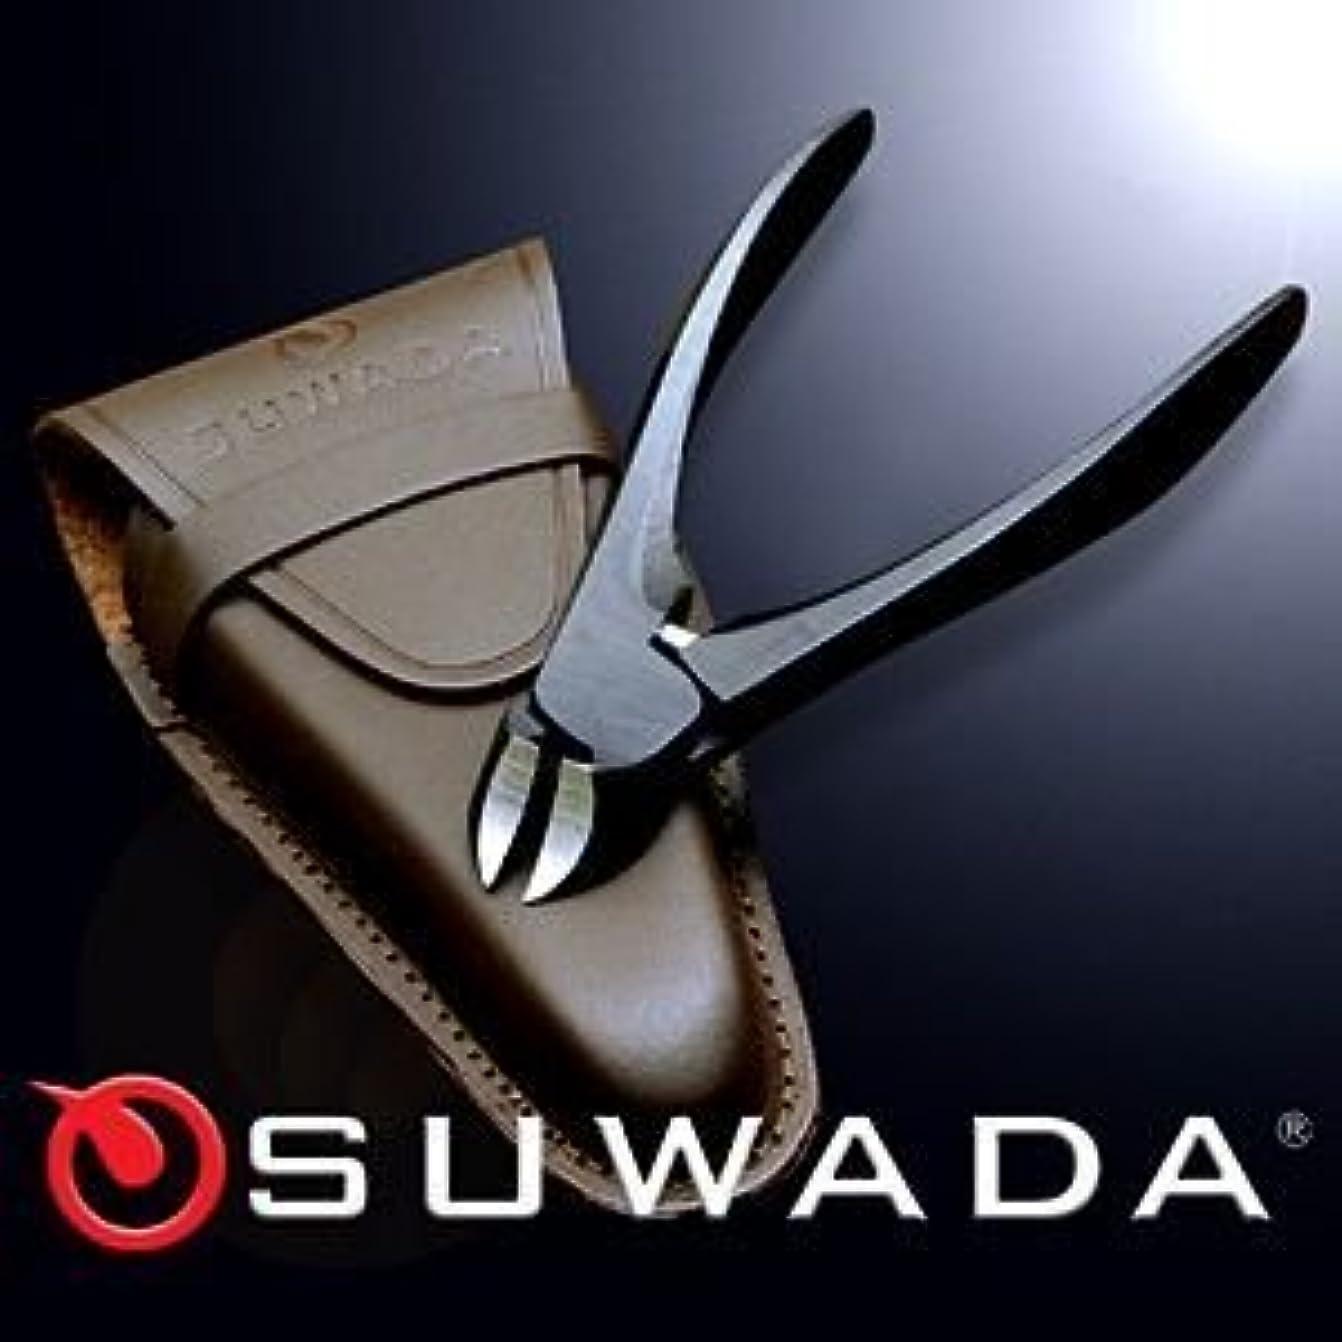 ルネッサンスシティ拍手するSUWADA爪切りブラックL&革ケースセット 特注モデル 諏訪田製作所製 スワダの爪切り